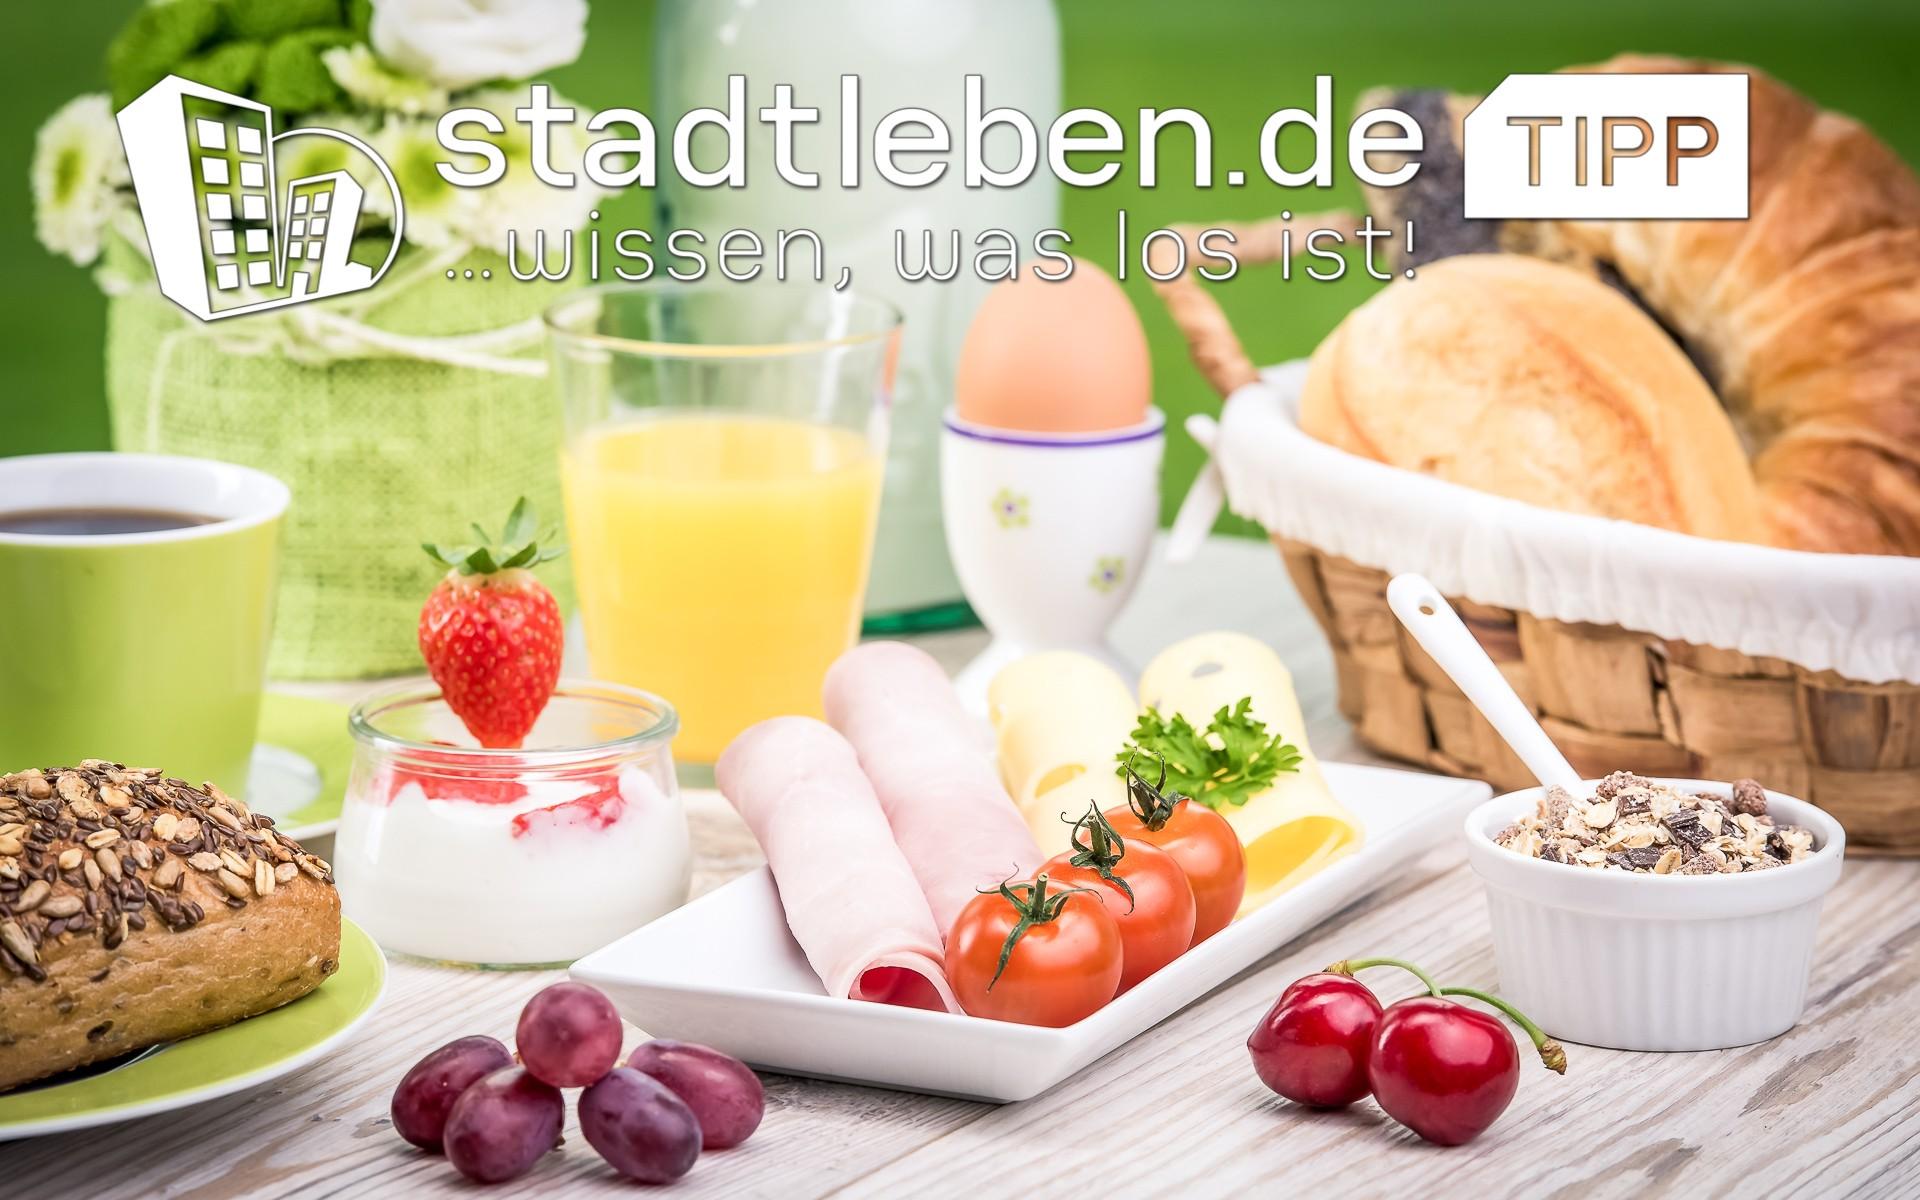 Orangensaft, Marmelade, Rührei, Käse, Obst, Kaffee, Brot, Müsli